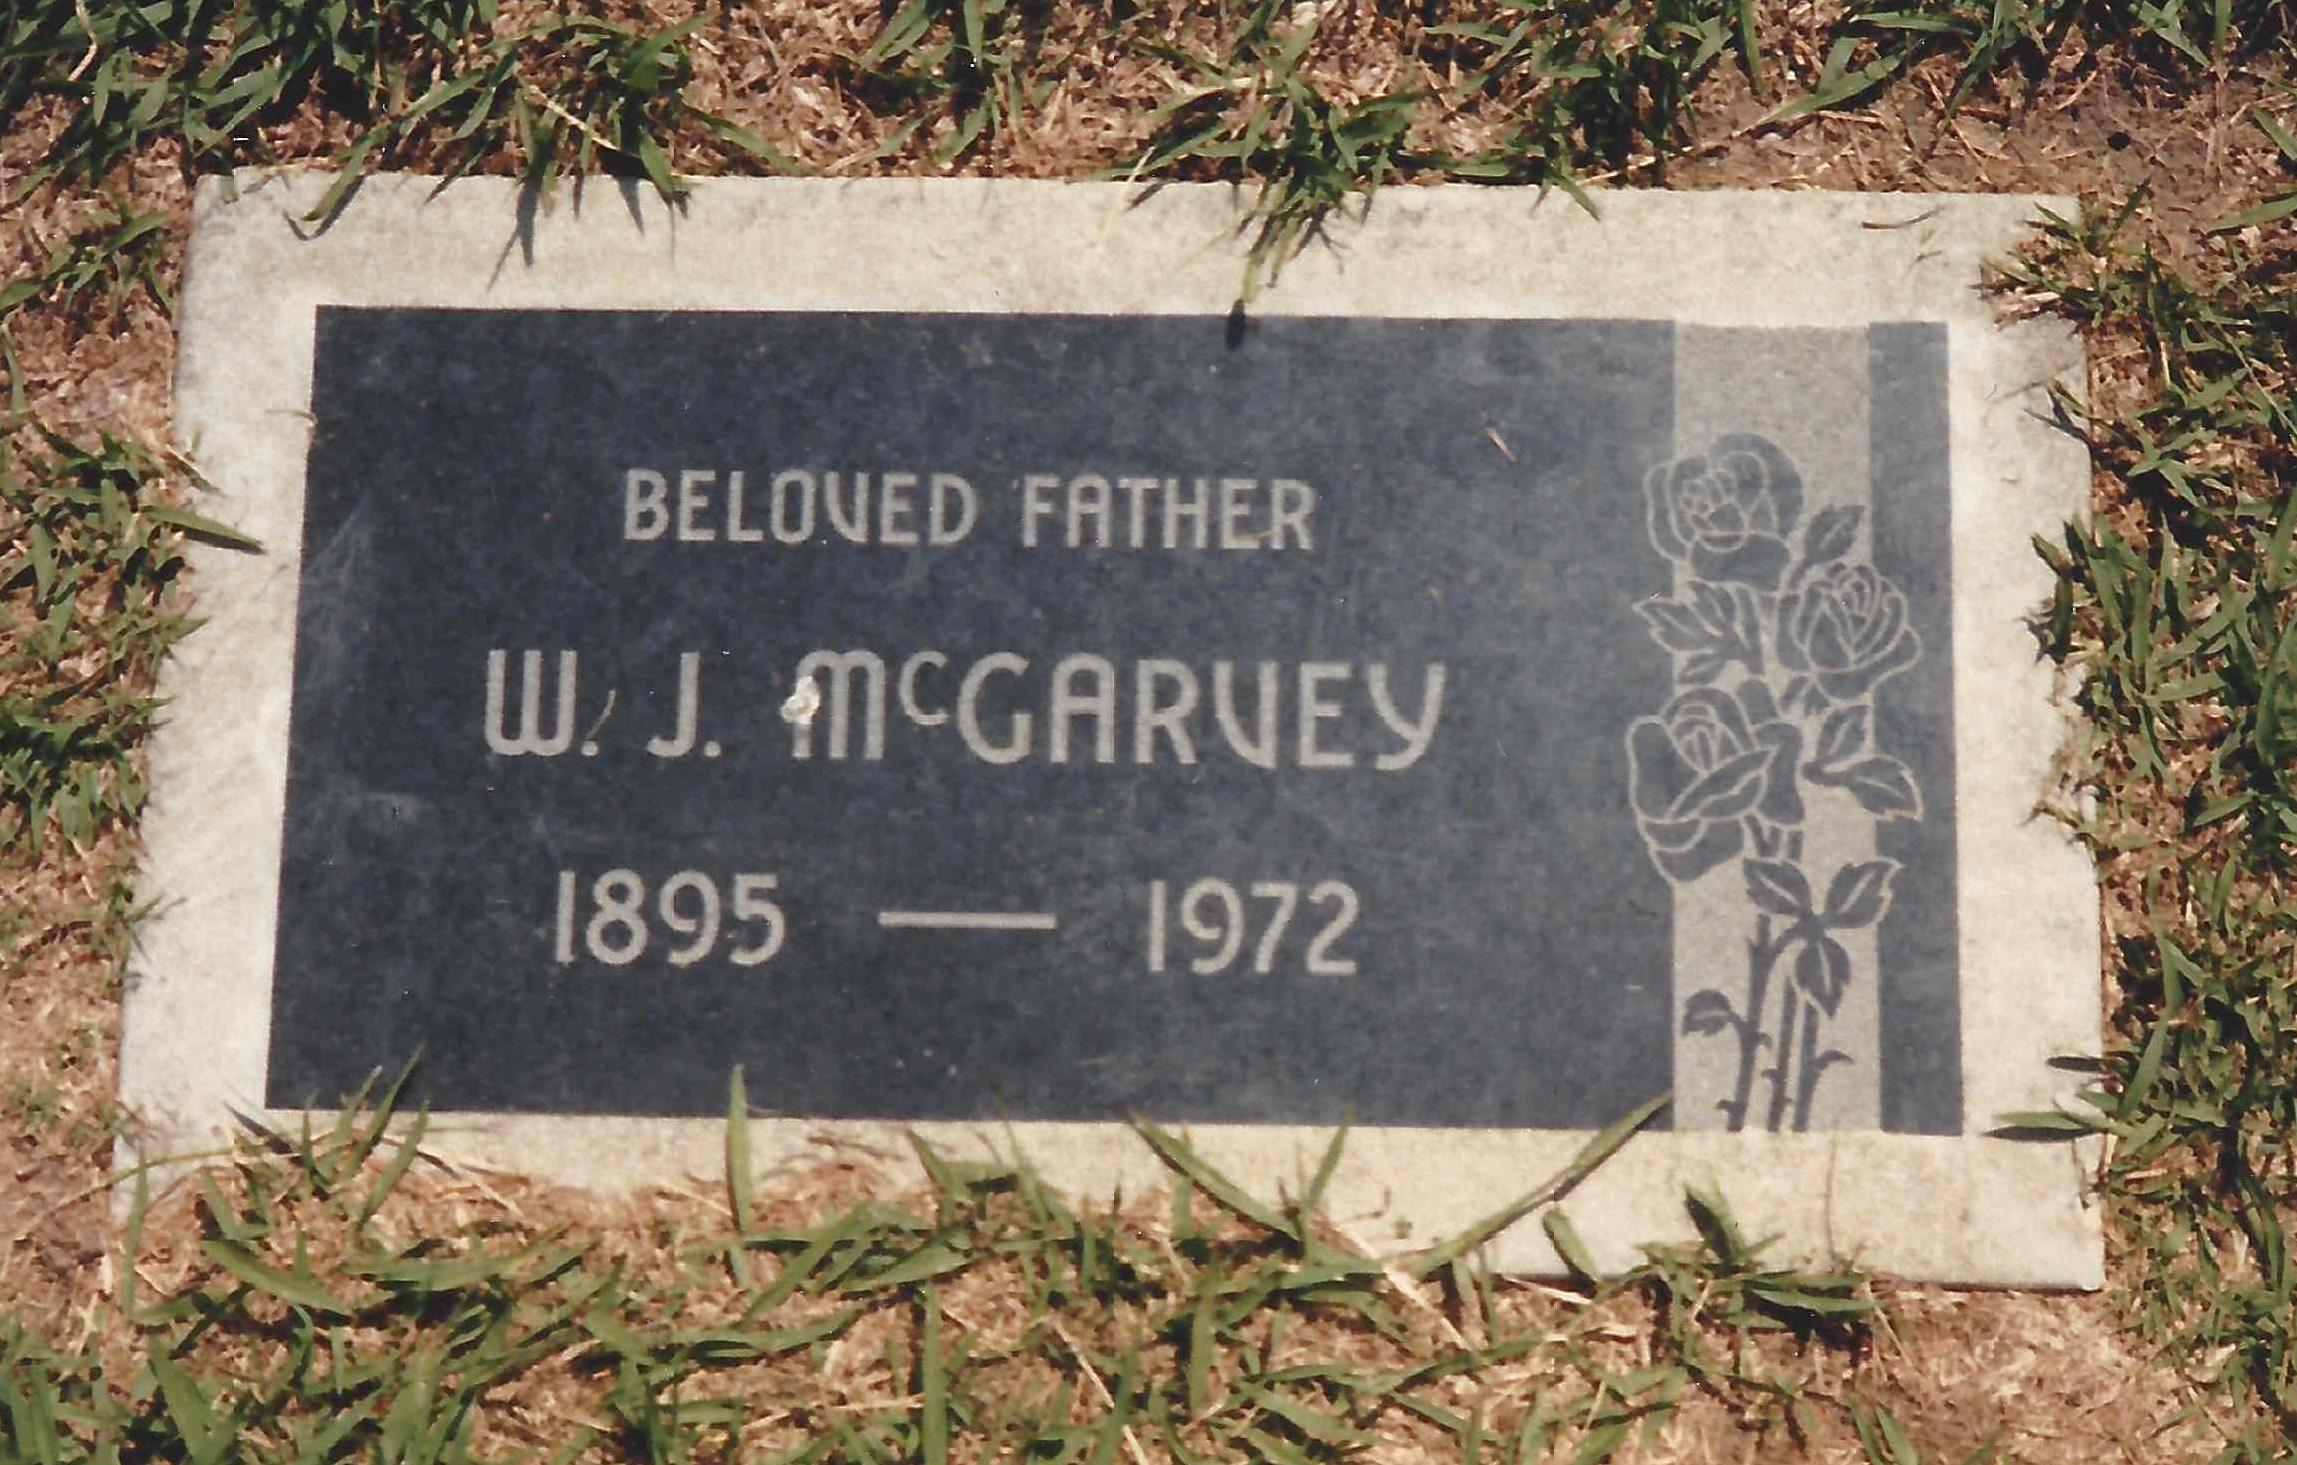 William John Bill McGarvey, Sr